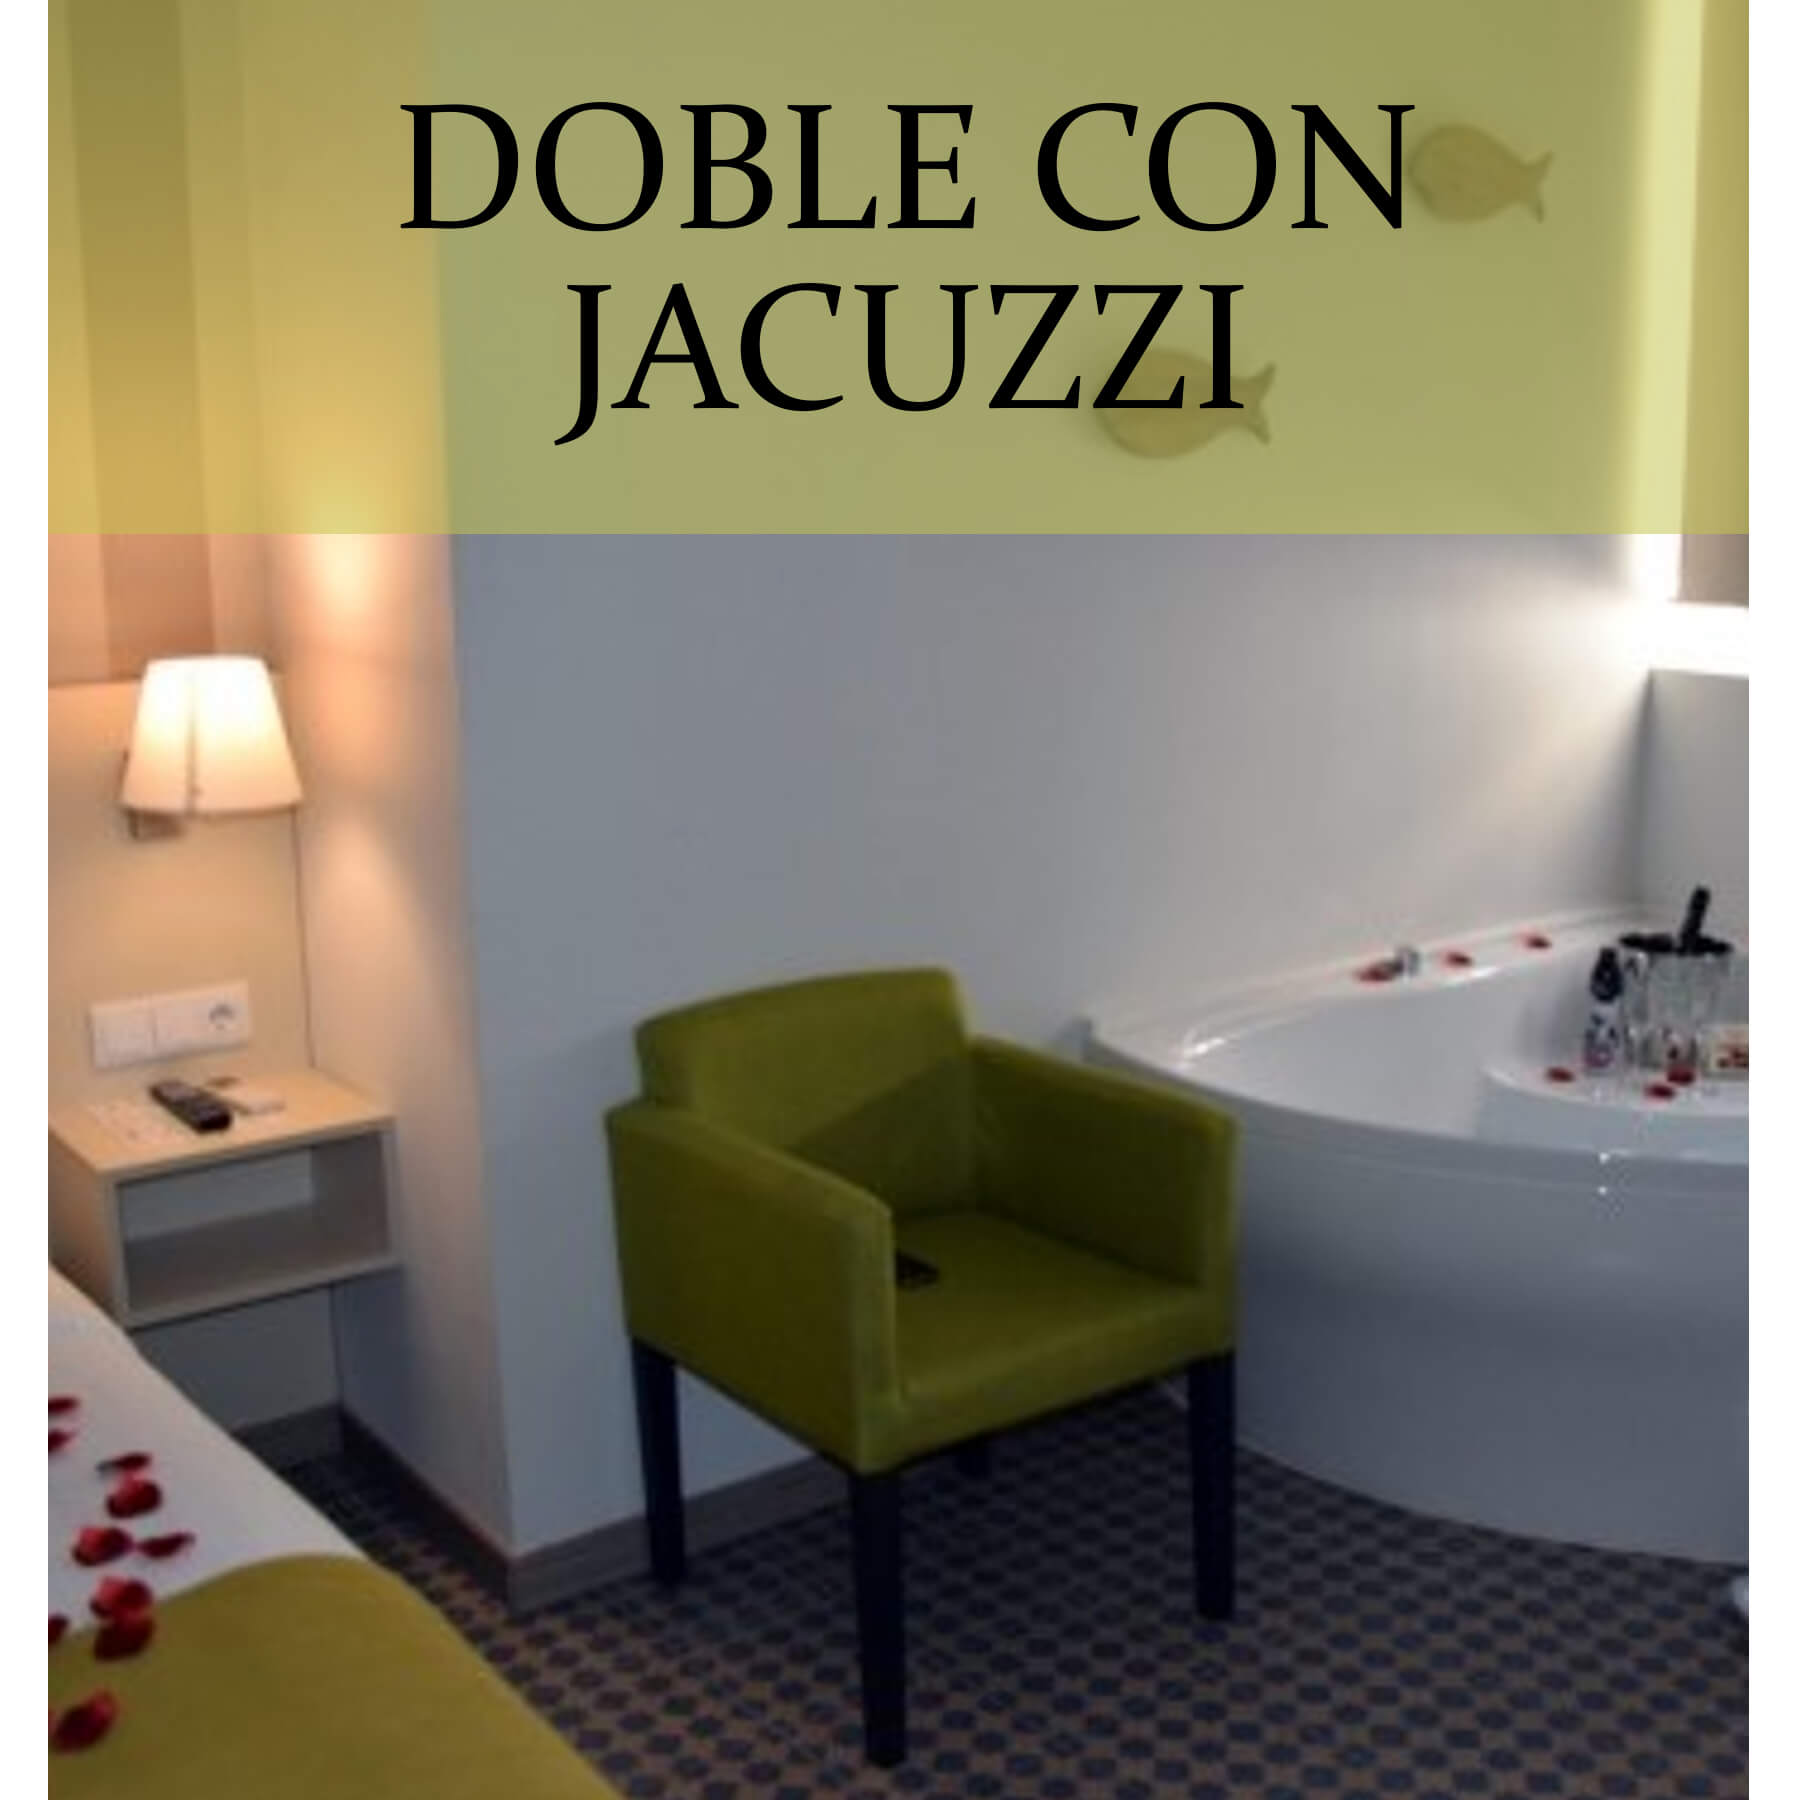 Habitación doble clásica con jacuzzi